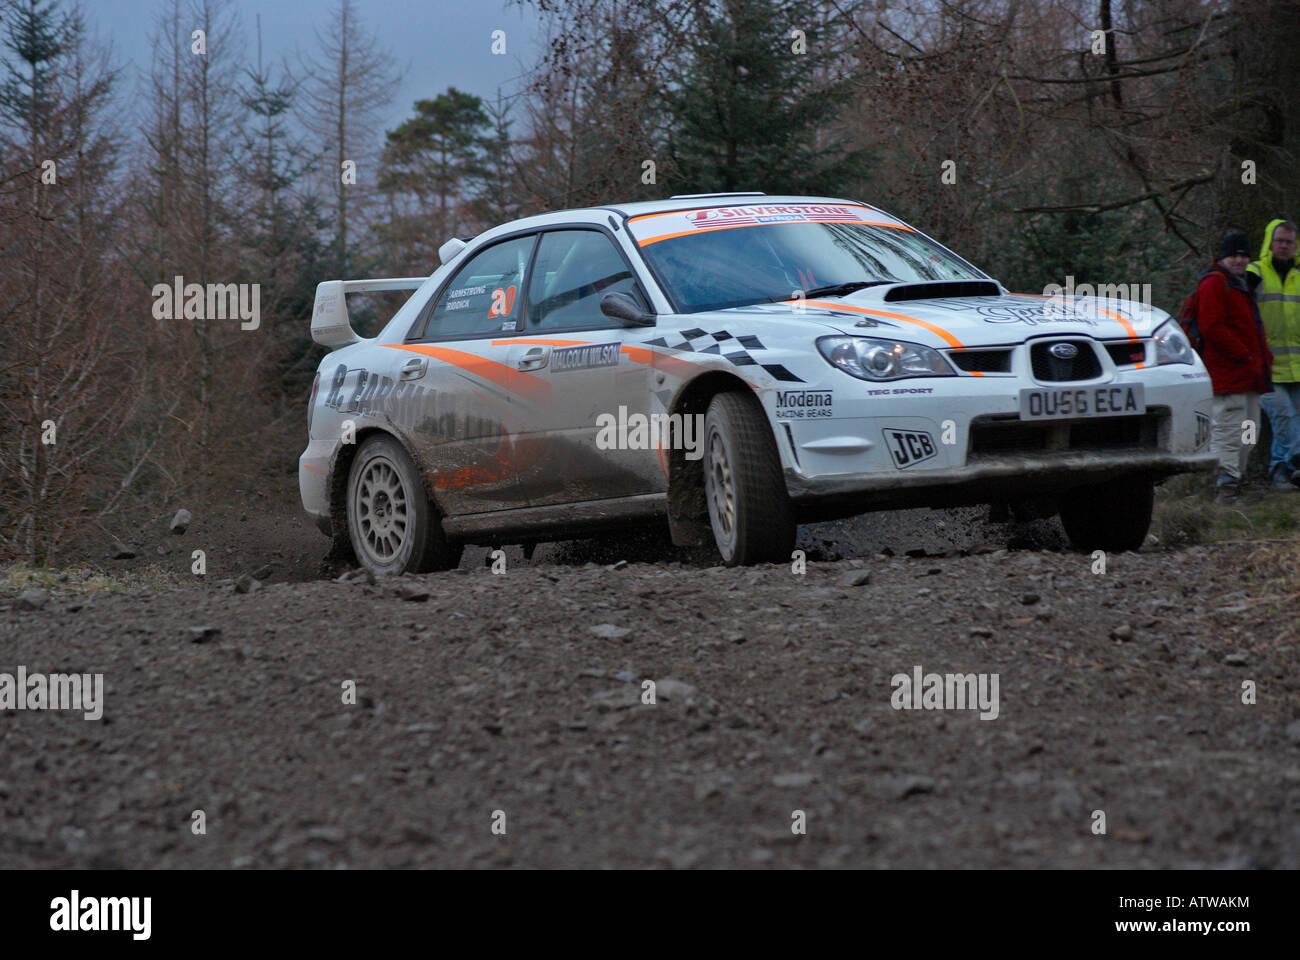 Voiture de rallye sur une forêt spécial étape d'un rallye sport automobile Photo Stock